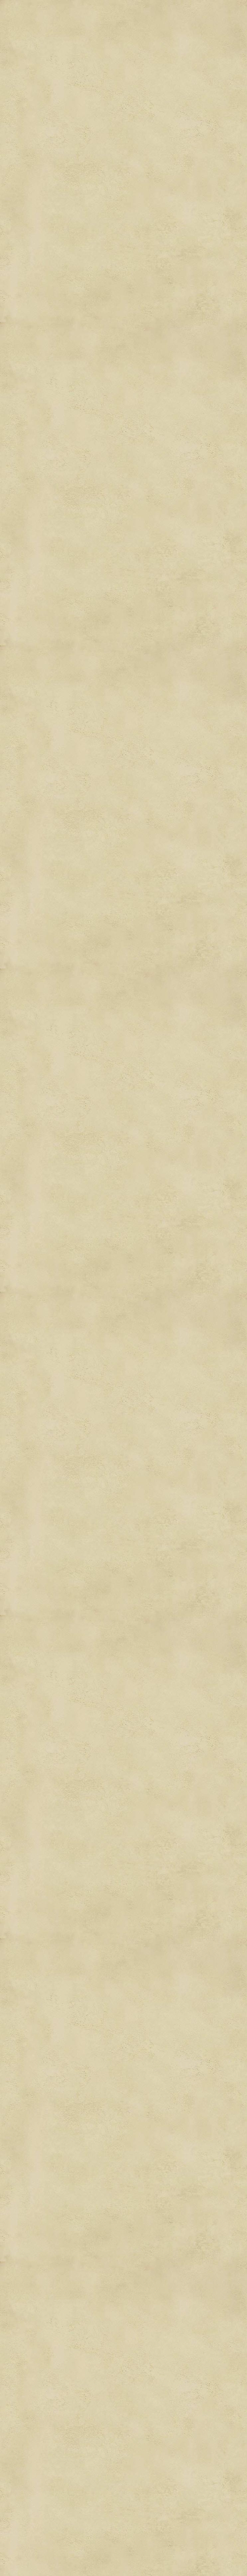 long-parchment.jpg